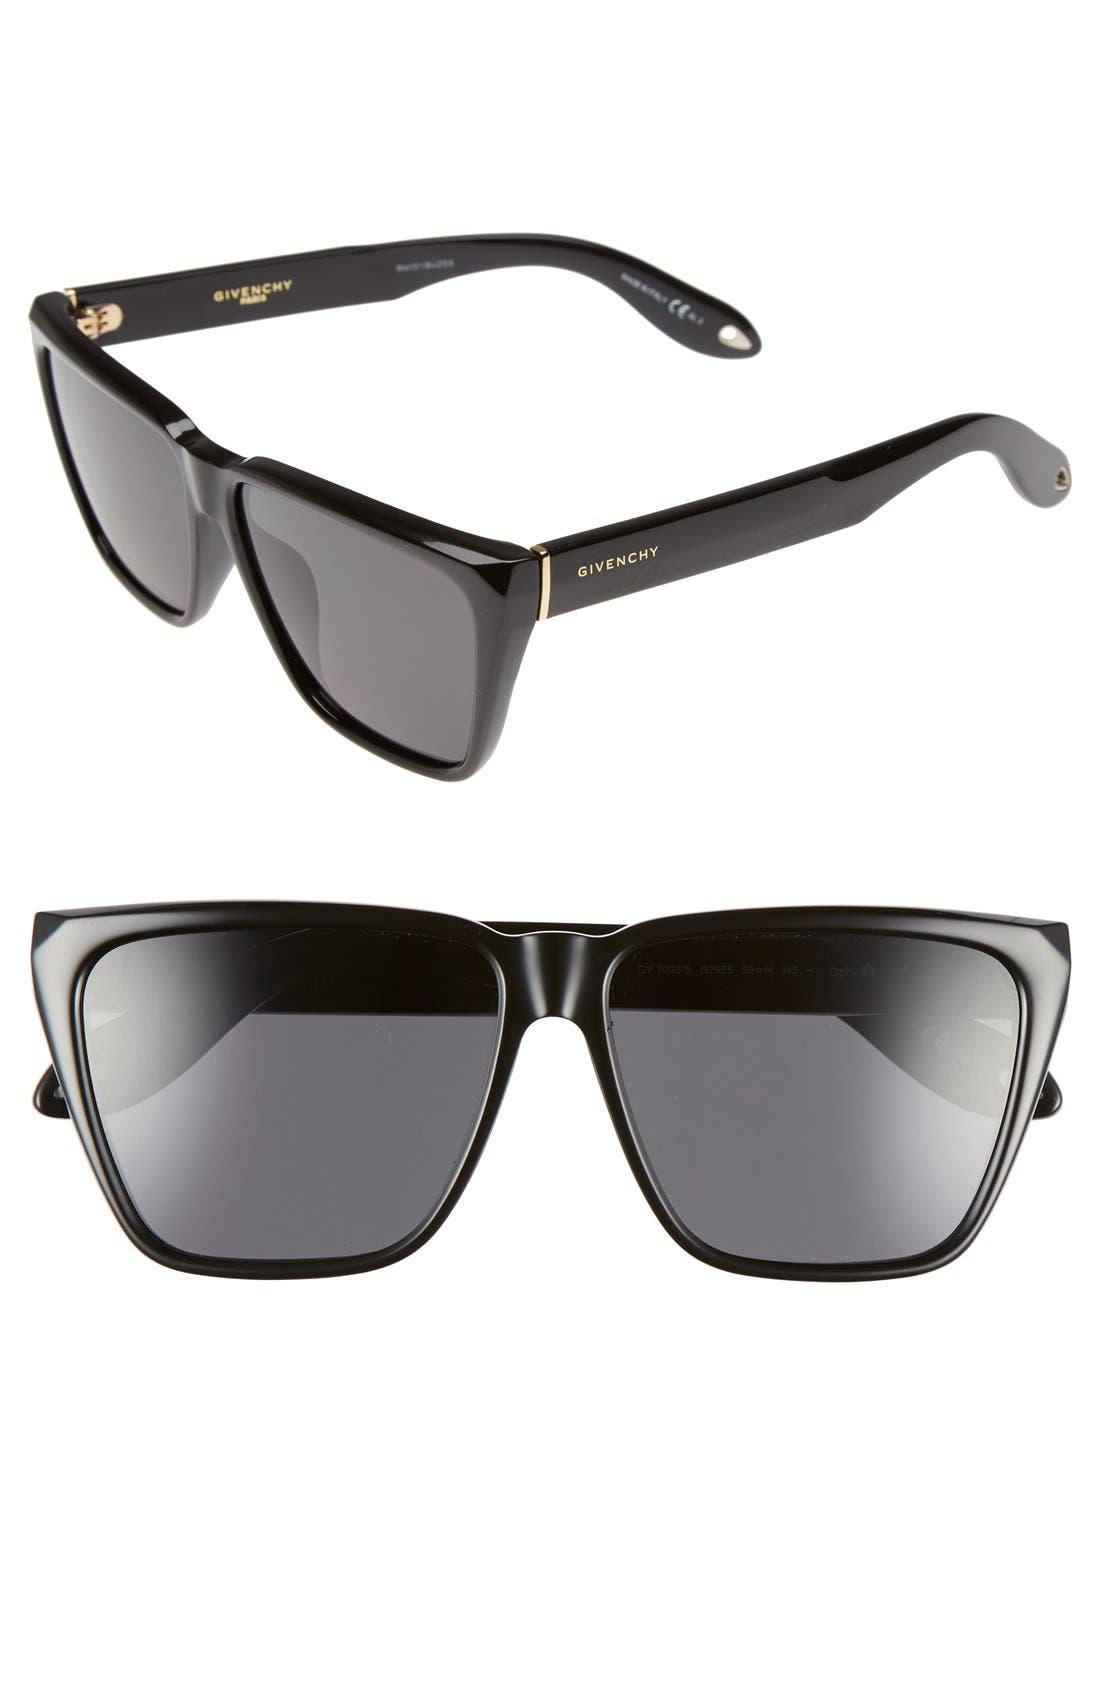 GIVENCHY, 58mm Flat Top Sunglasses, Main thumbnail 1, color, BLACK/ GREY